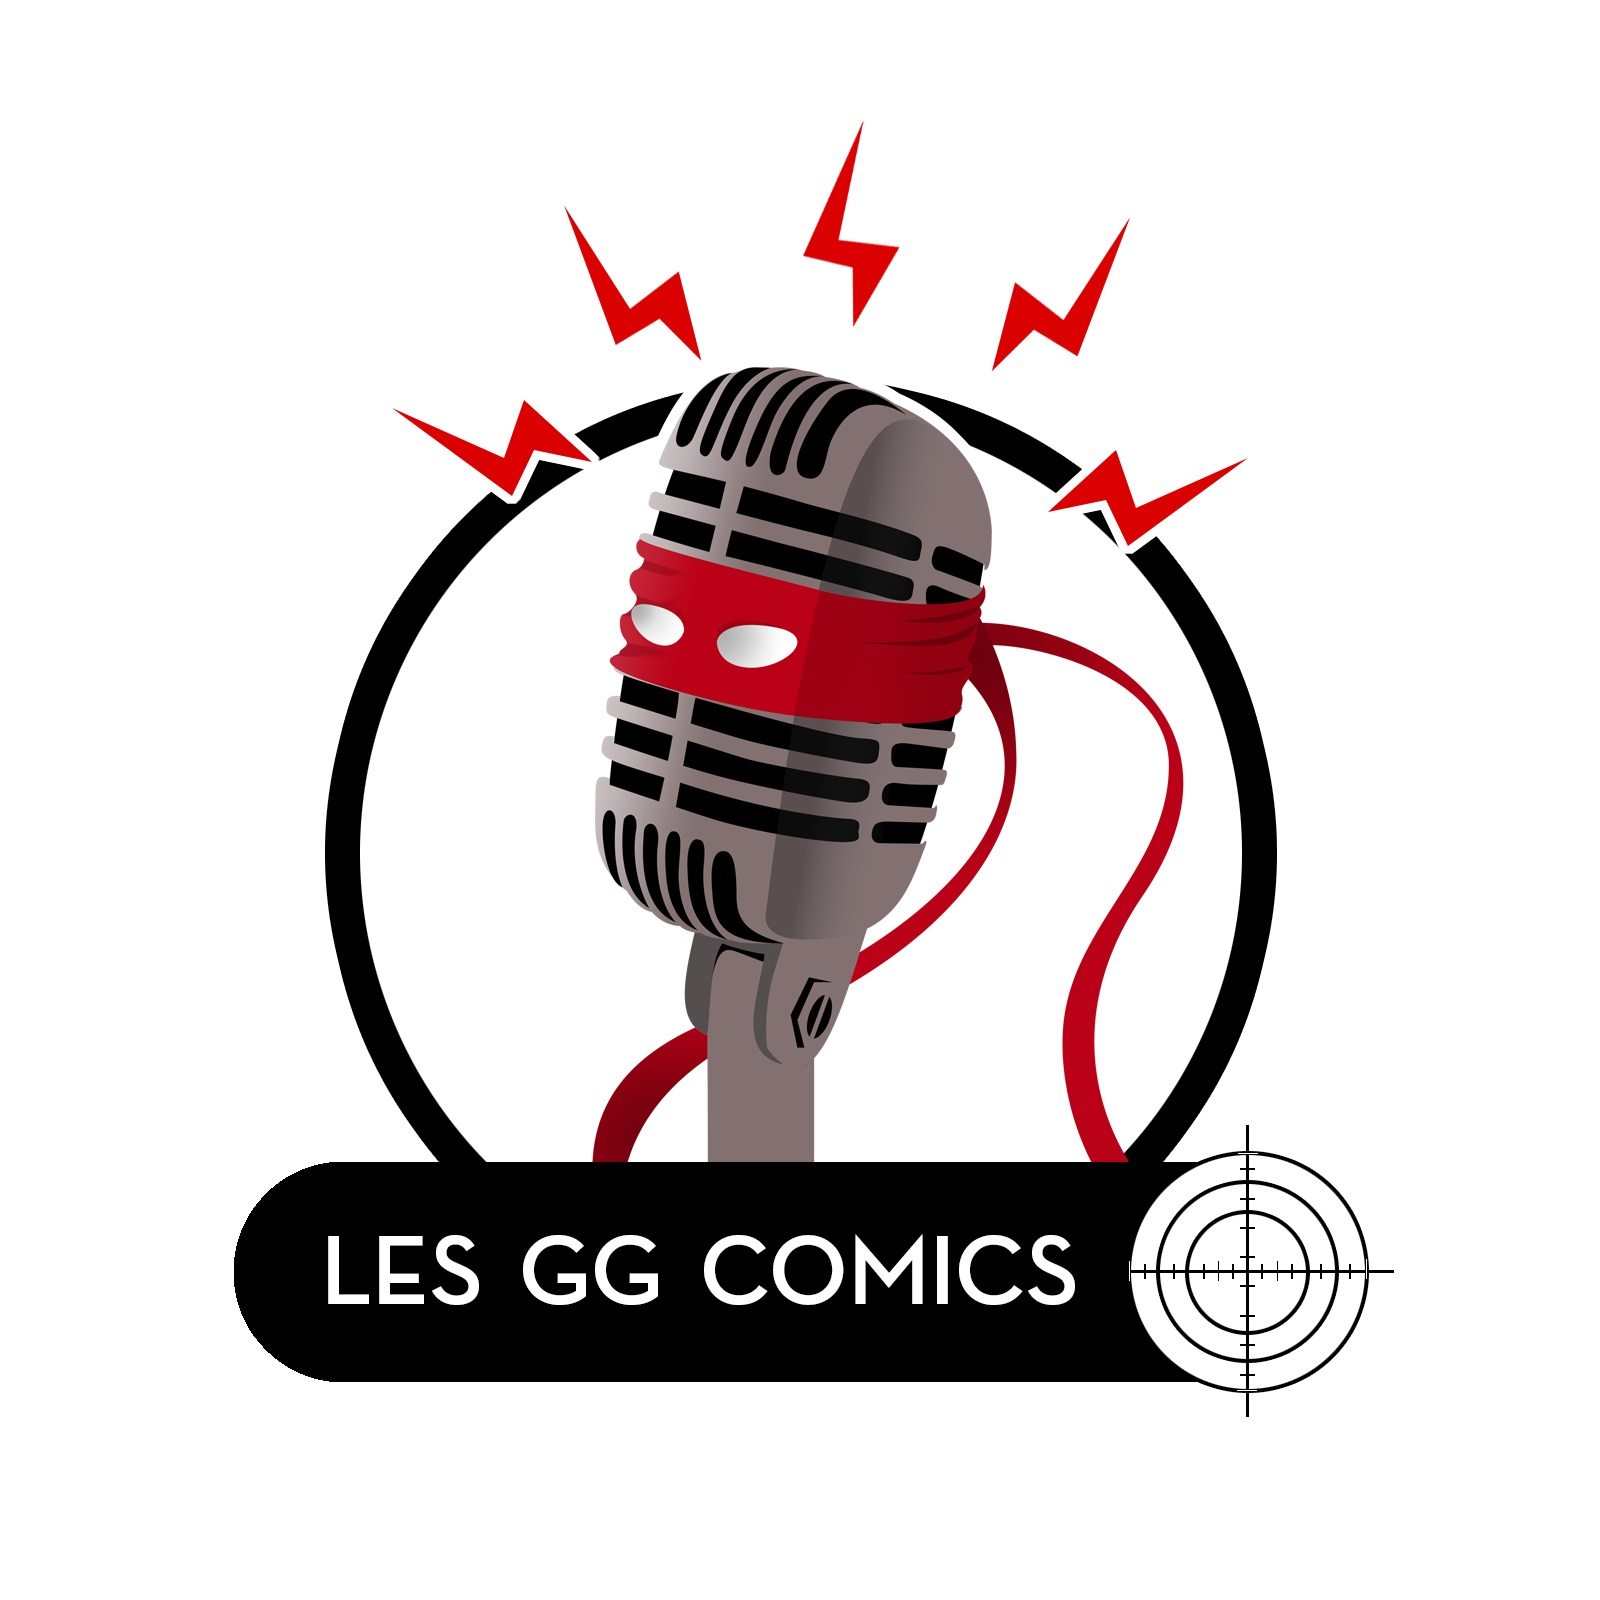 Les GG comics #051 : Les comics physiques doivent-ils craindre le numérique ?